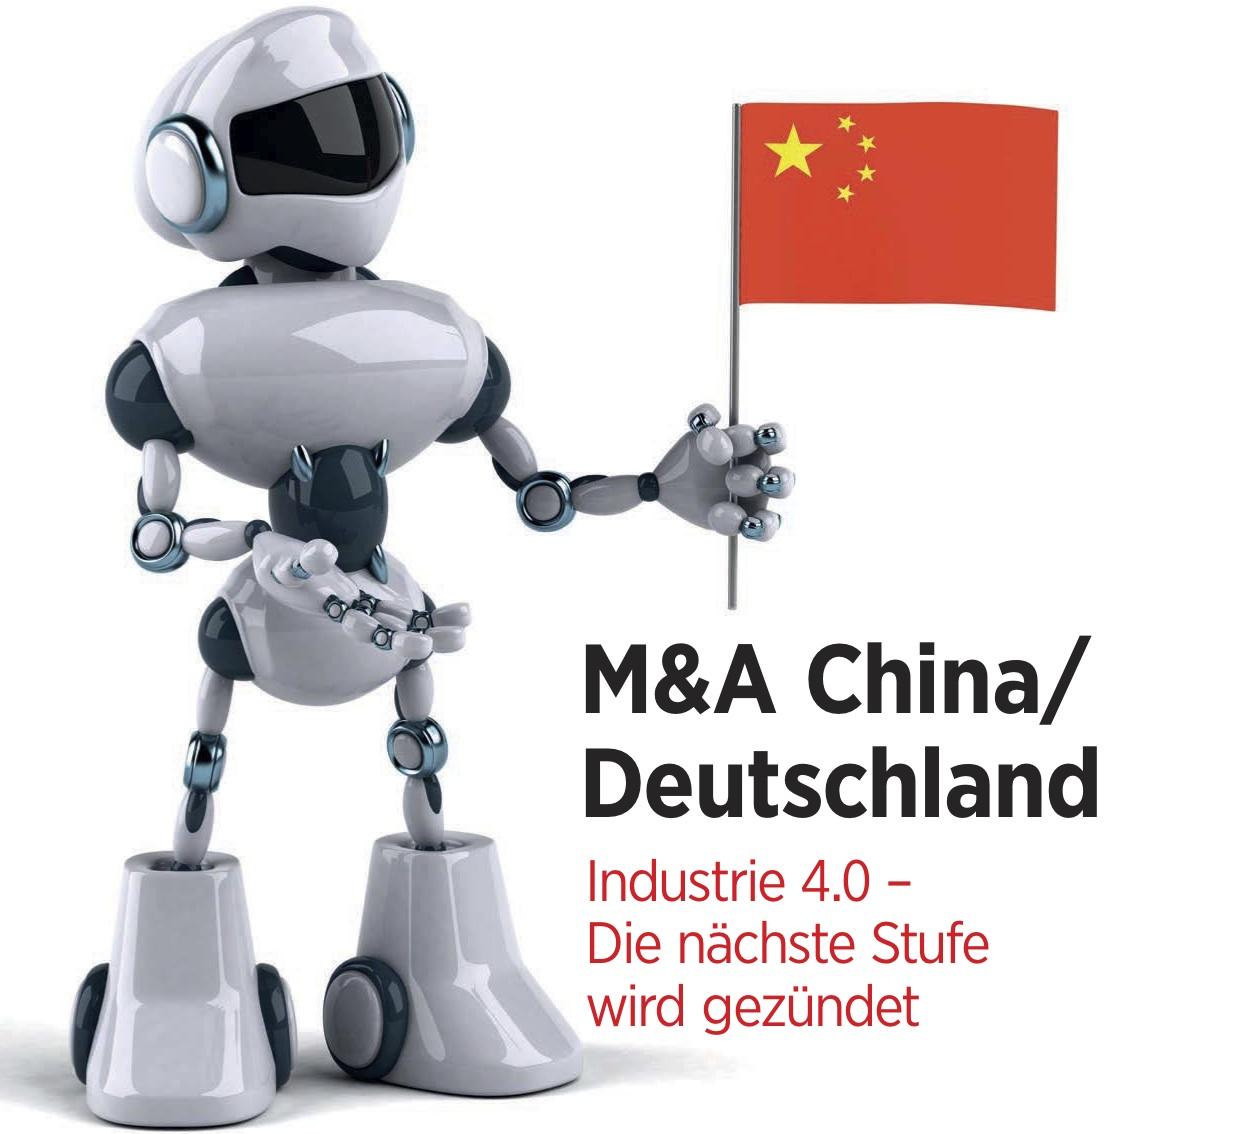 M&A China/Deutschland: Industrie 4.0 – Die Nächste Stufe Wird Gezündet!